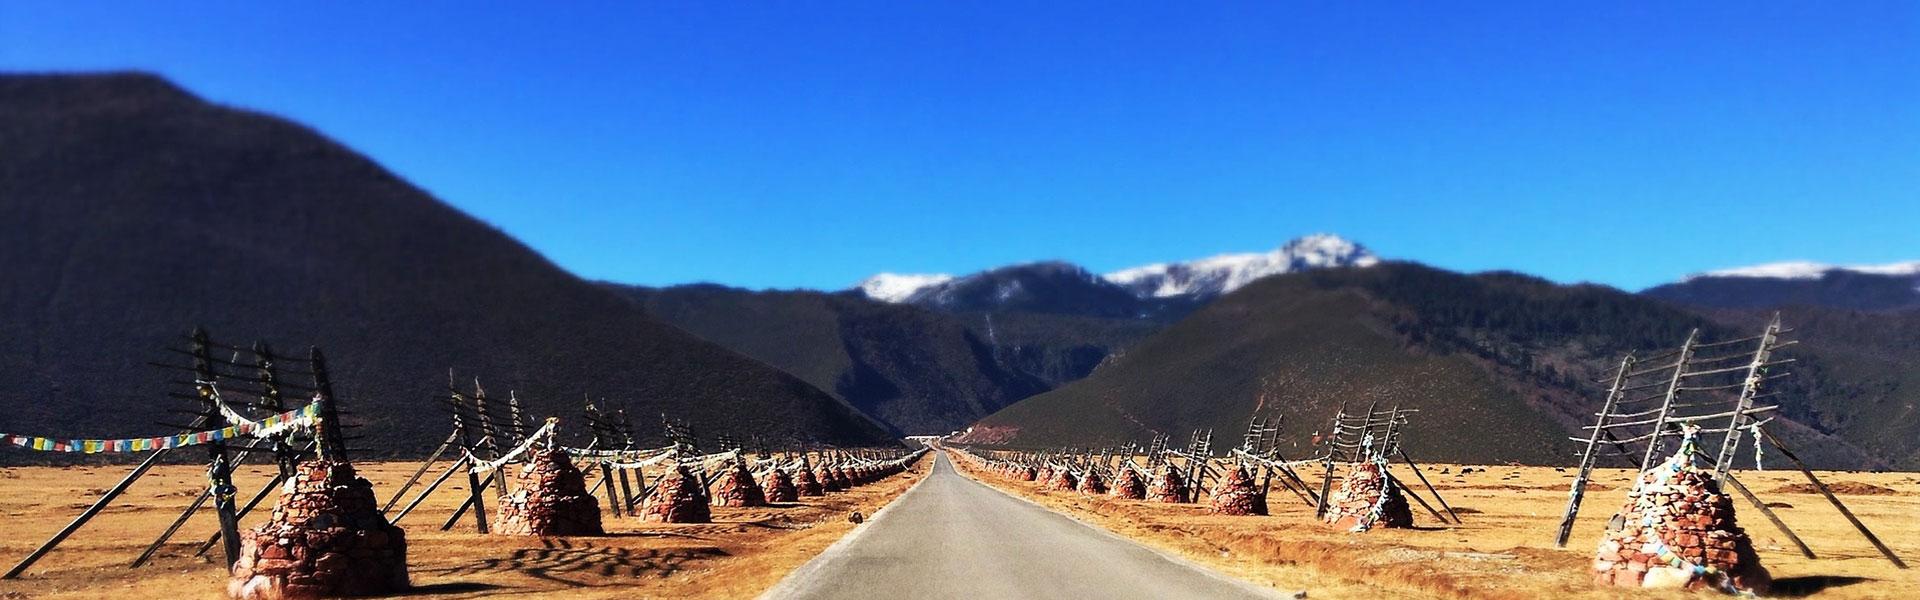 贵阳市中考学生考试规则,贵州省职教网